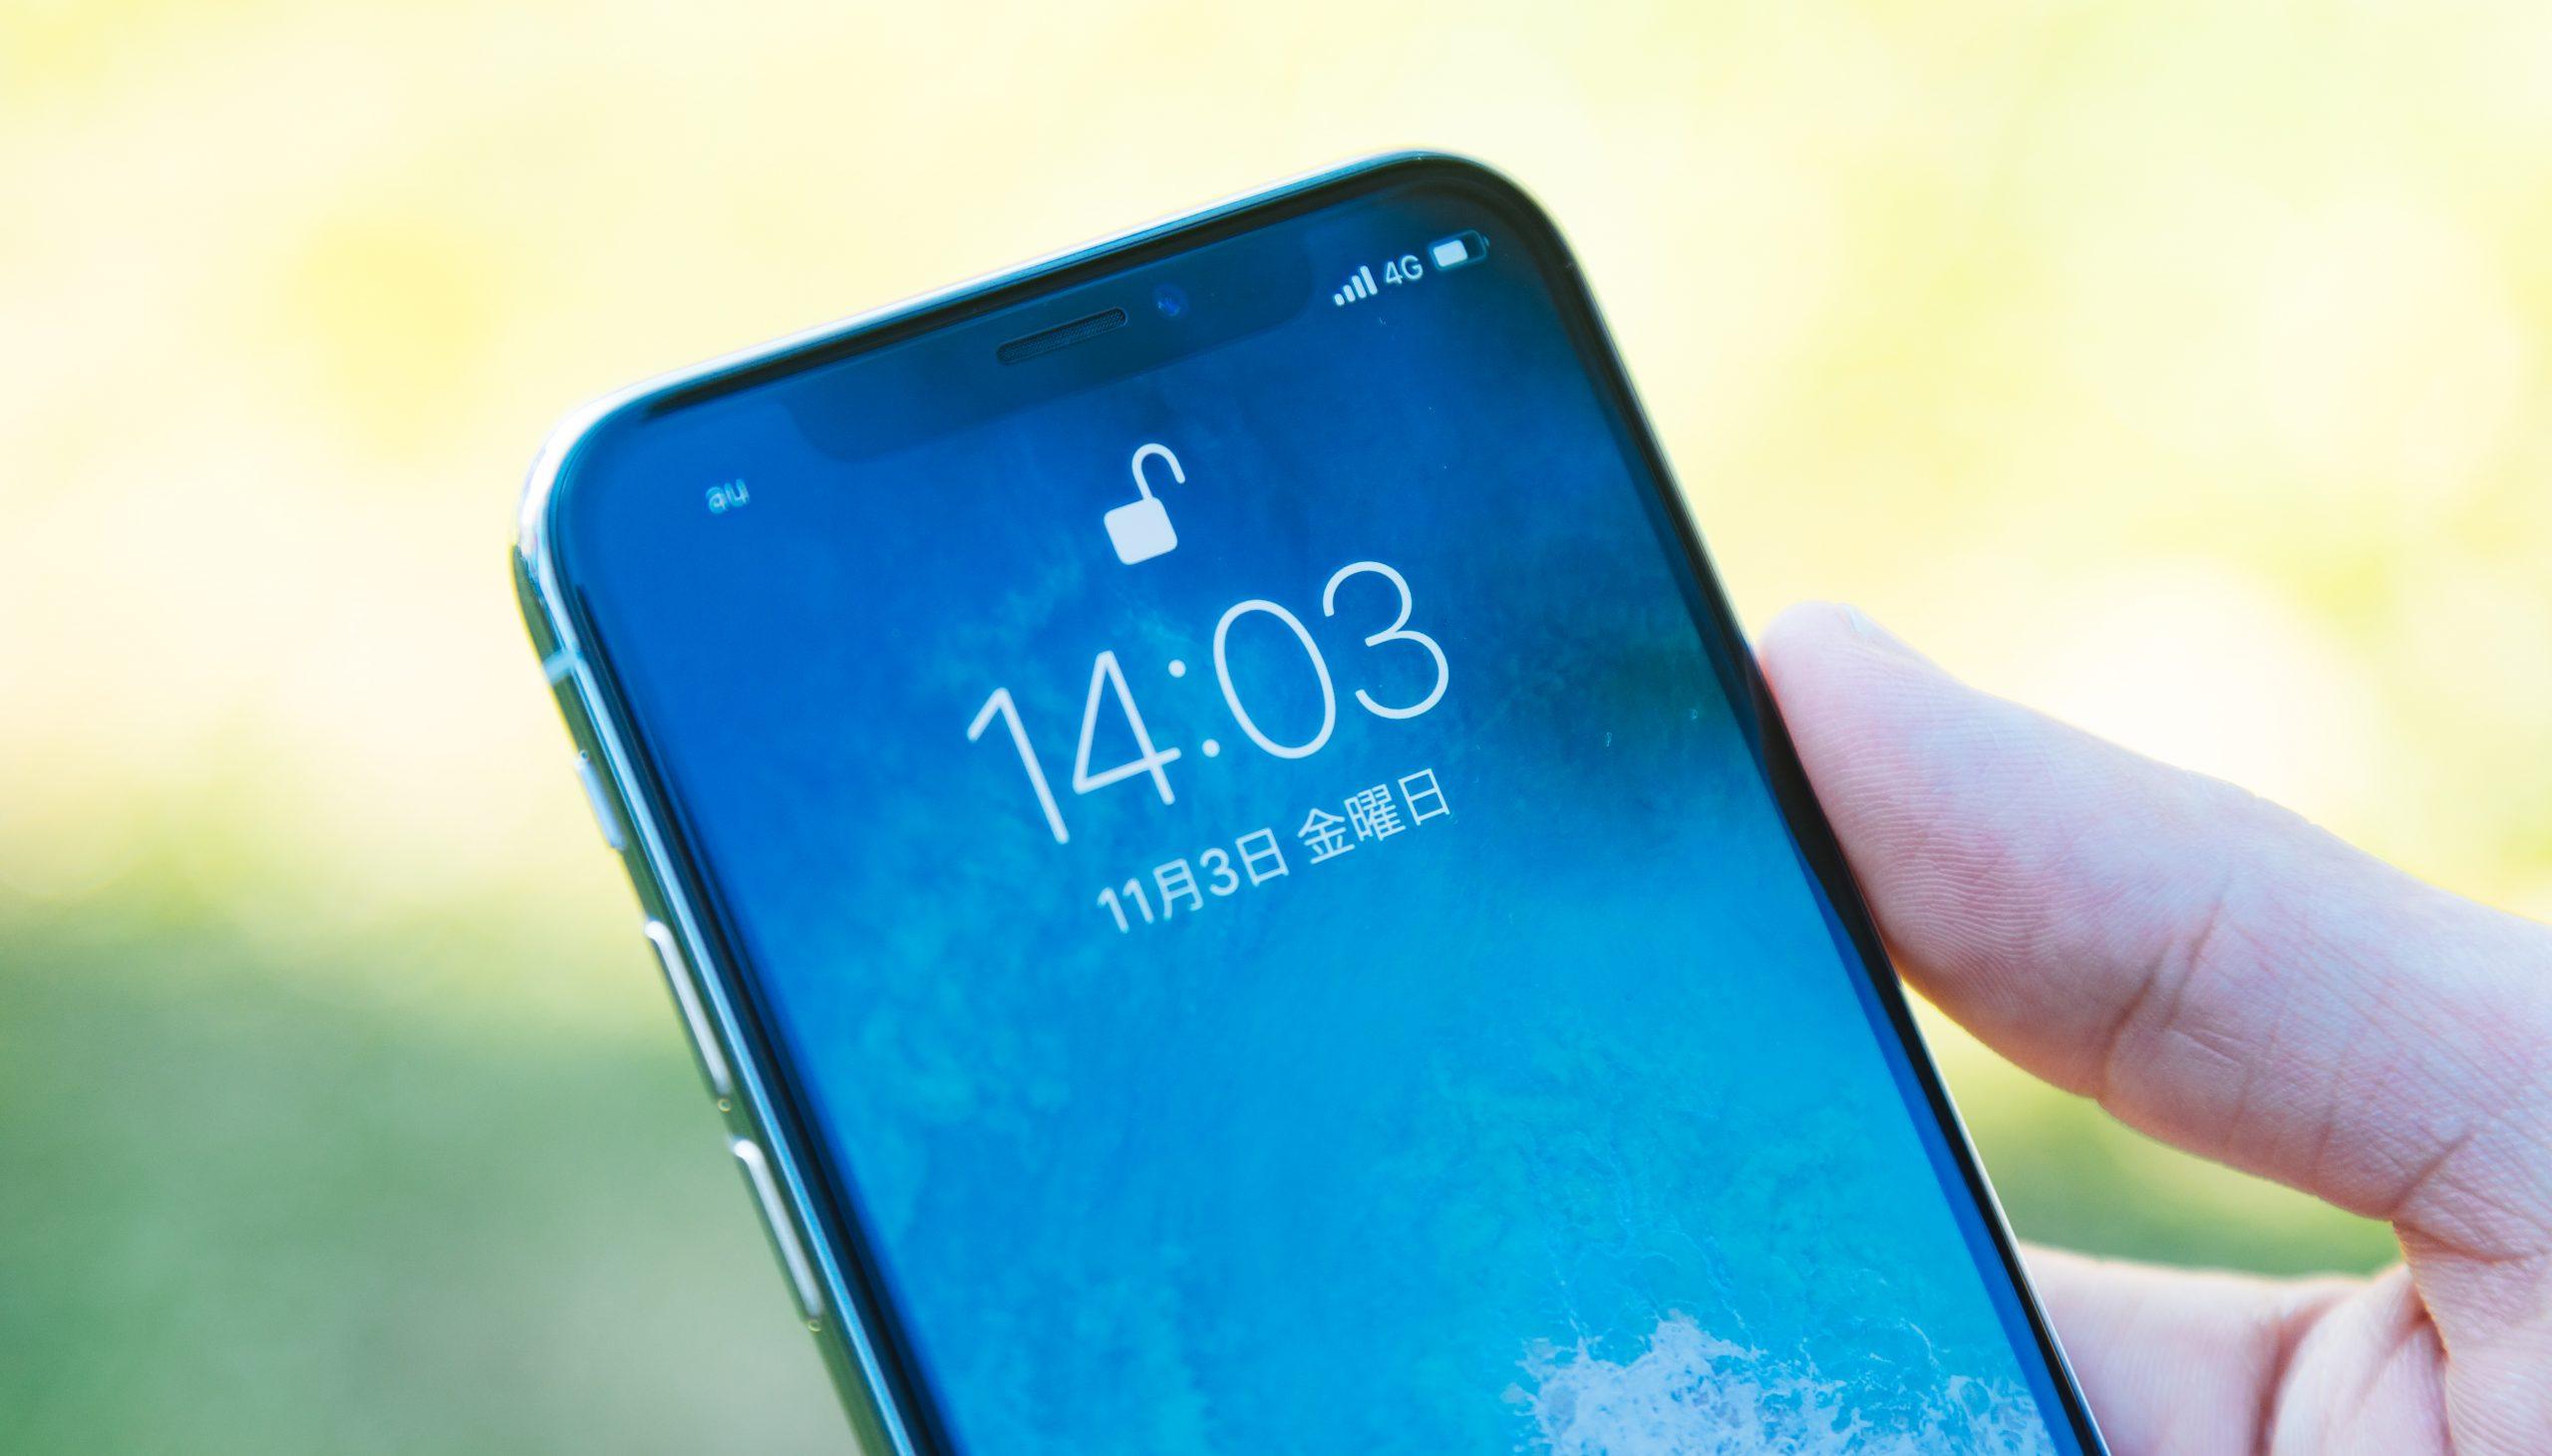 iPhoneのロック画面